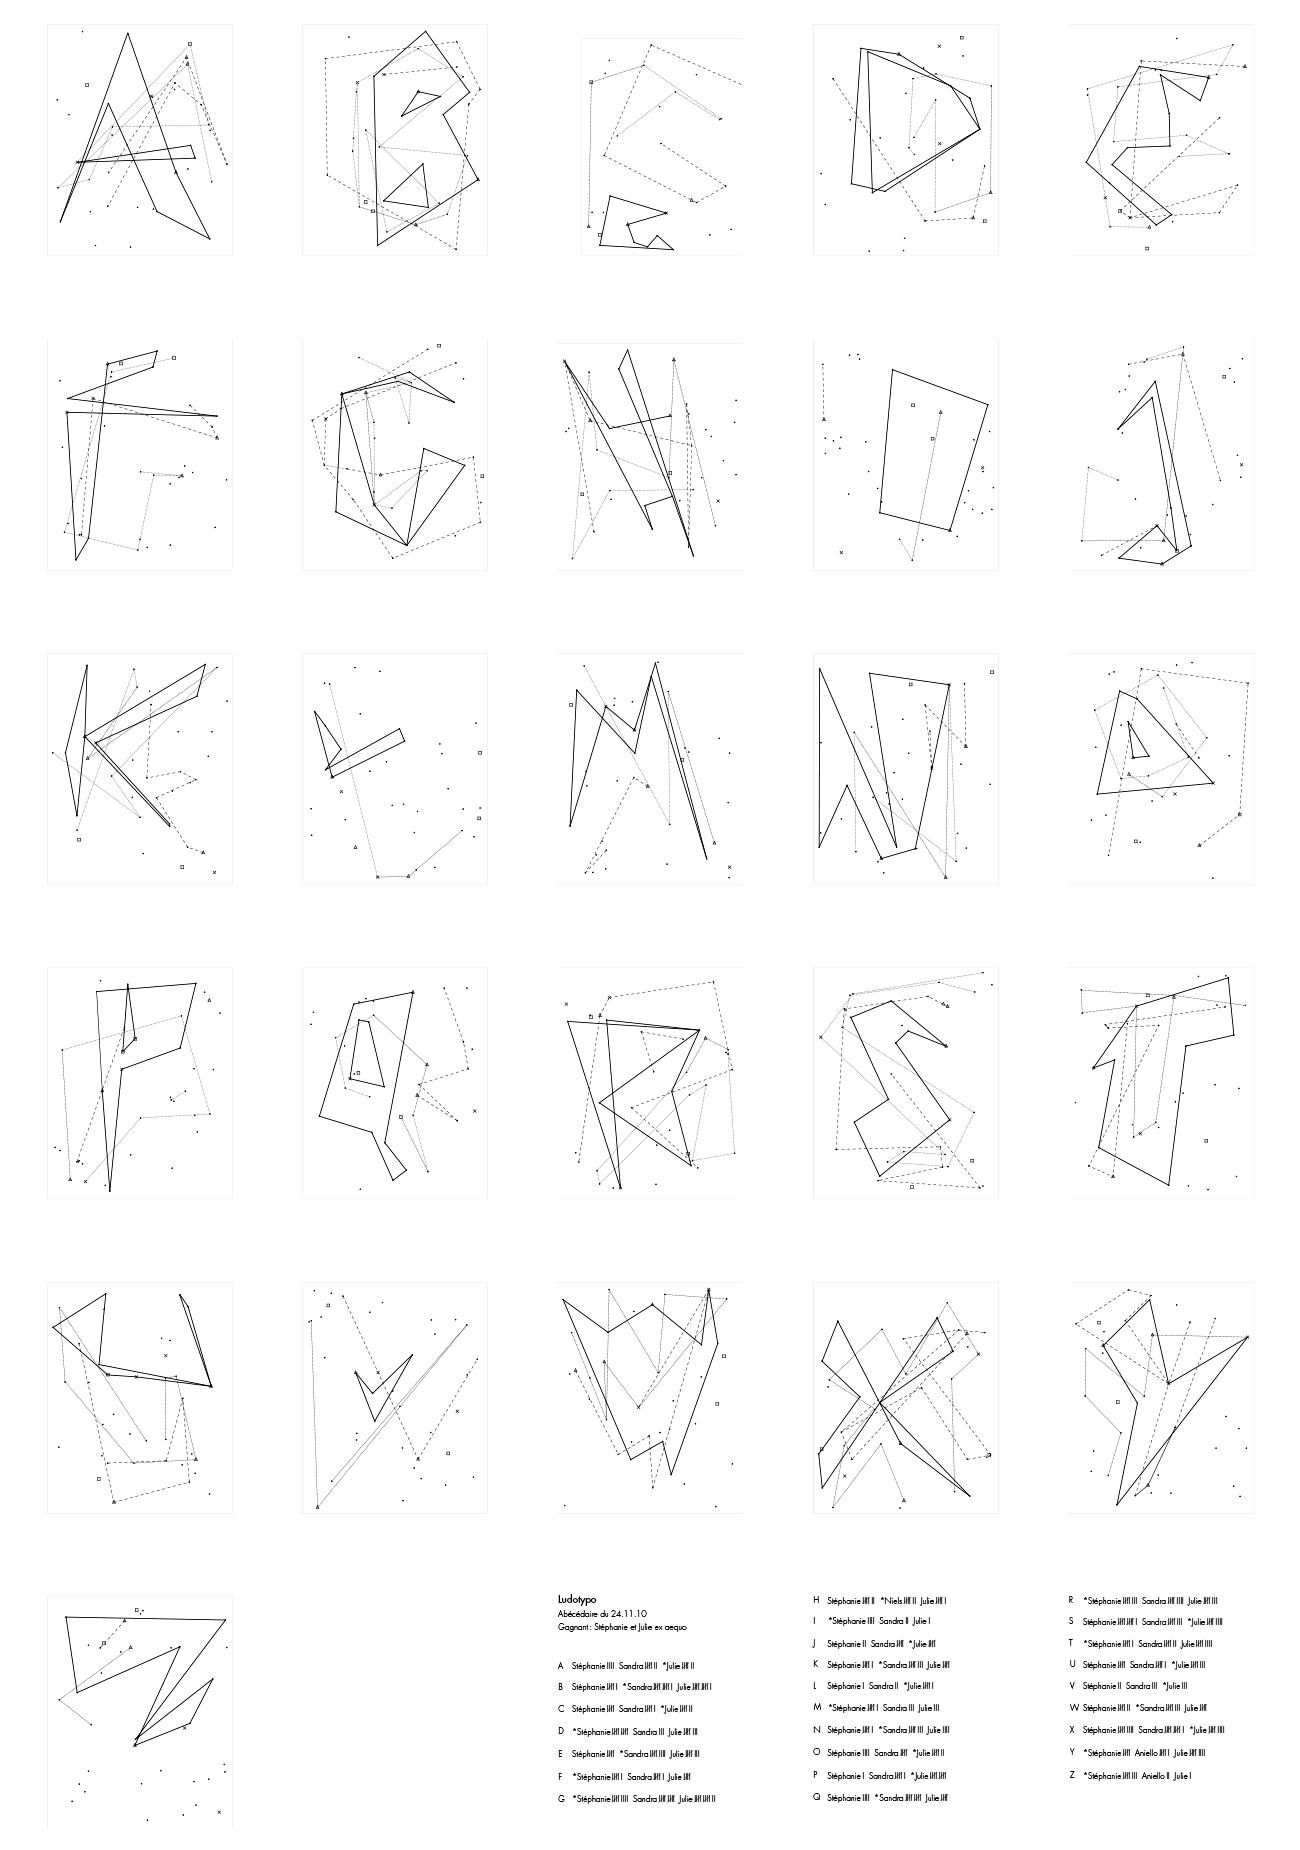 Spécimen typographique crée par les étudiant·e·s lors d'un workshop que j'ai animé à la HEAD (je ne me souviens pas des noms des étudiant·e·s – écrivez-moi pour être crédités). Jeu au dé sur une grille aléatoire au cours duquel les participant·e·s doivent compléter les lettres en premier.